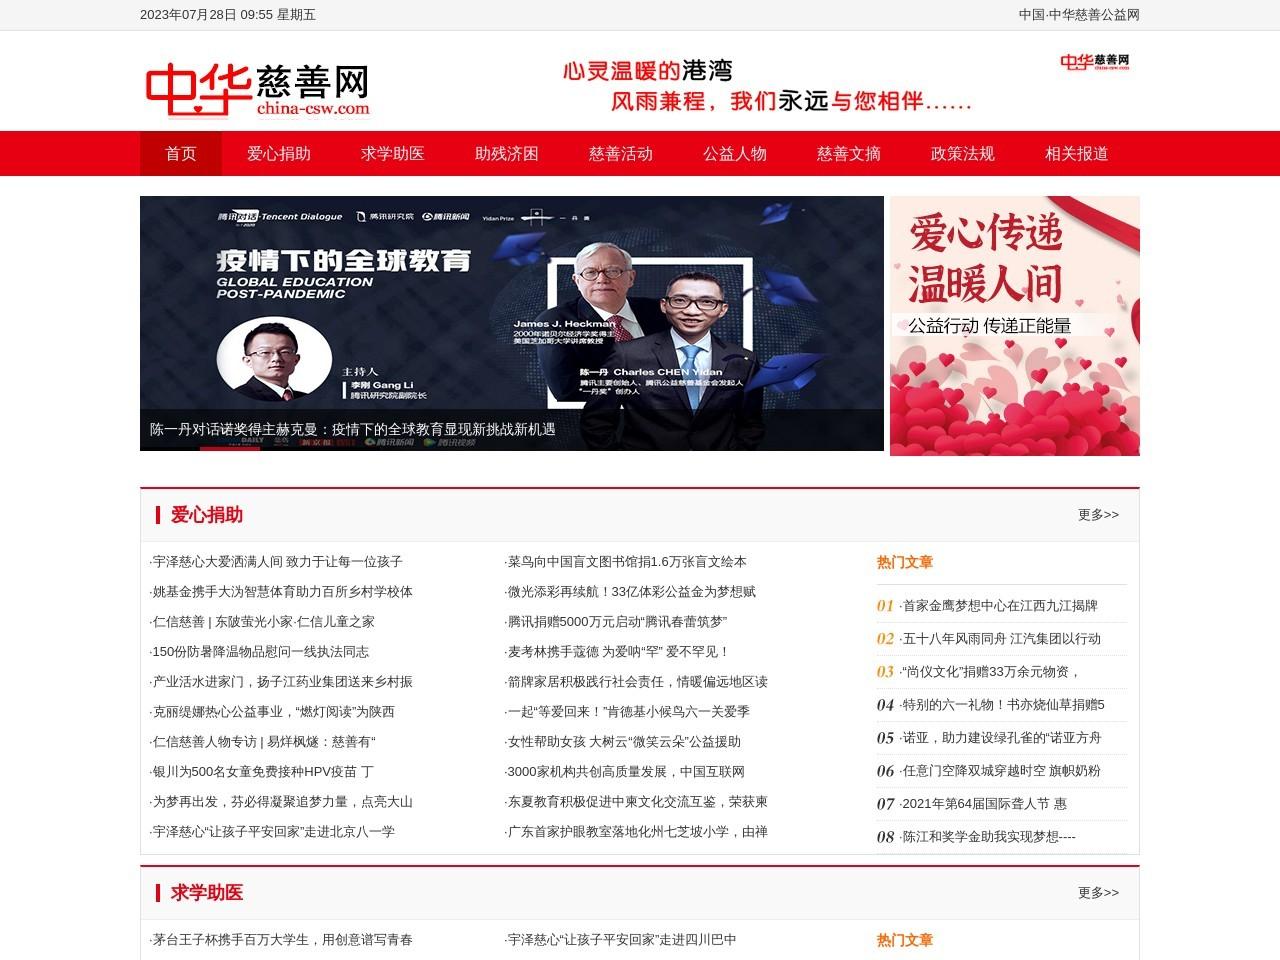 中华慈善公益网